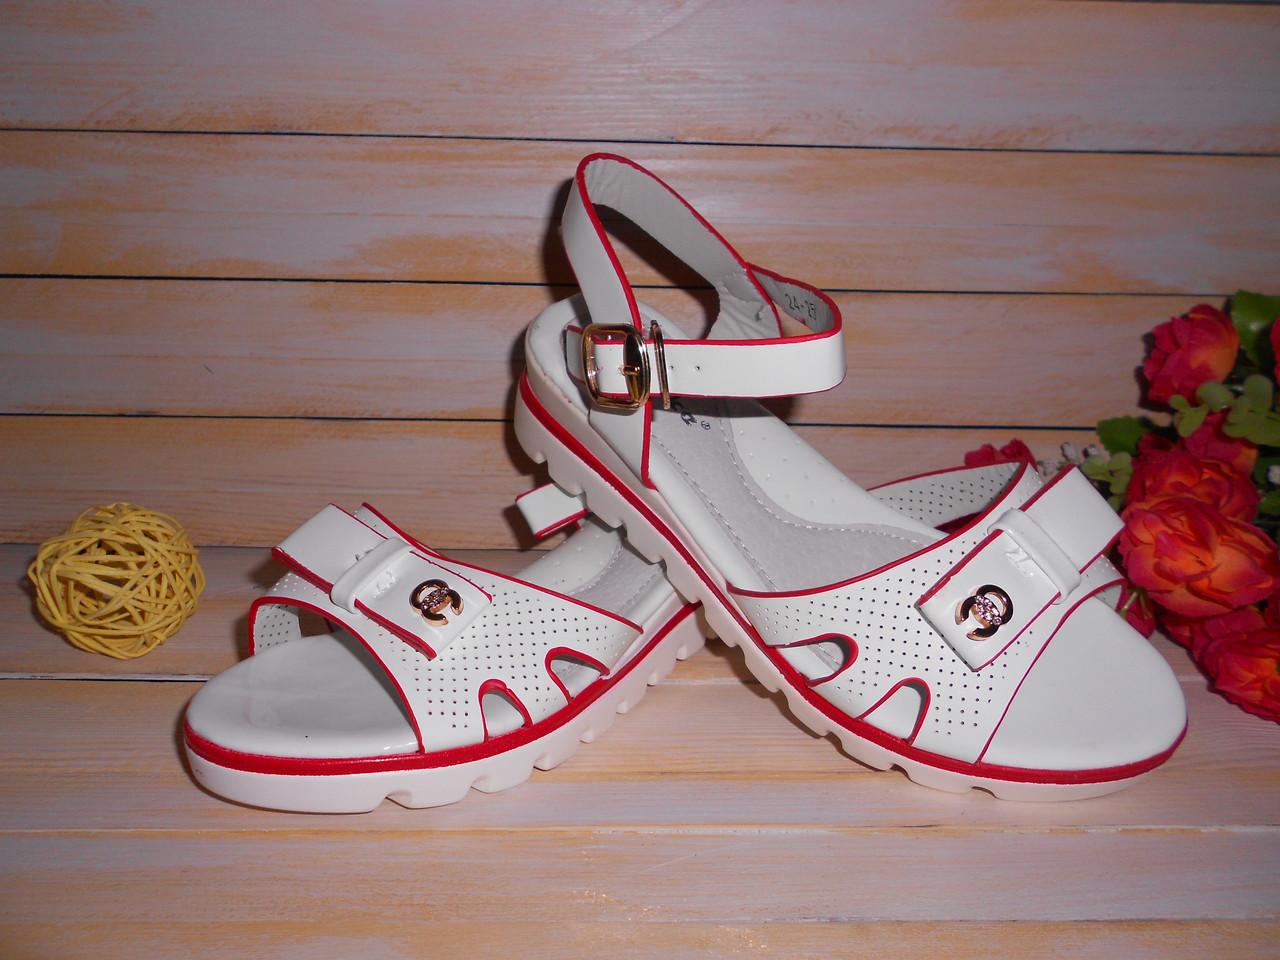 4a24e2d80 Белые нарядные босоножки для девочки р32 с красной окантовкой ...